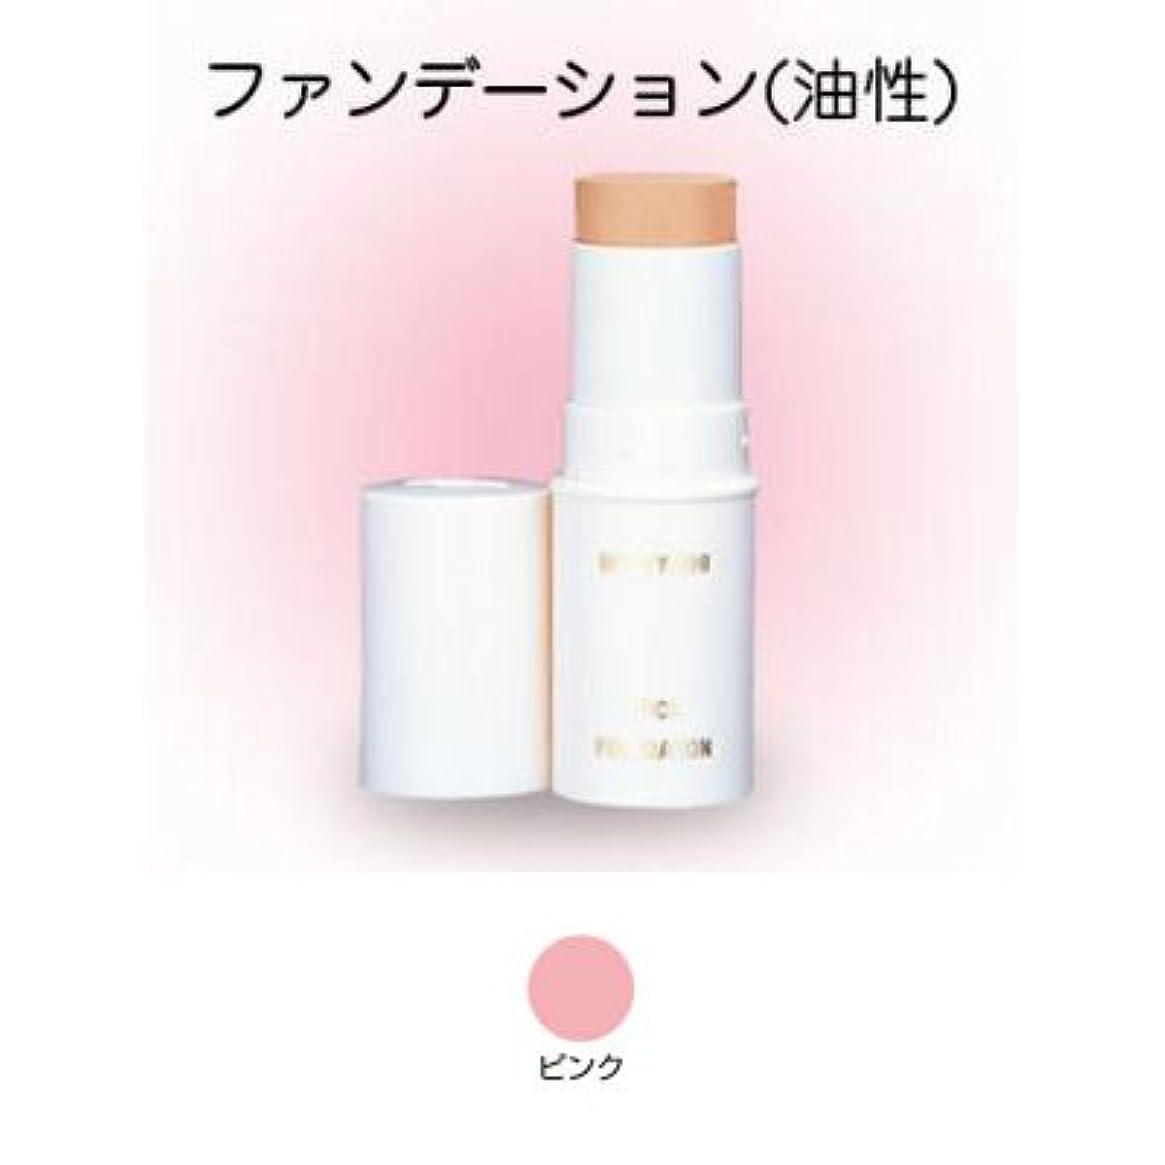 名義で残るステーキスティックファンデーション 16g ピンク 【三善】